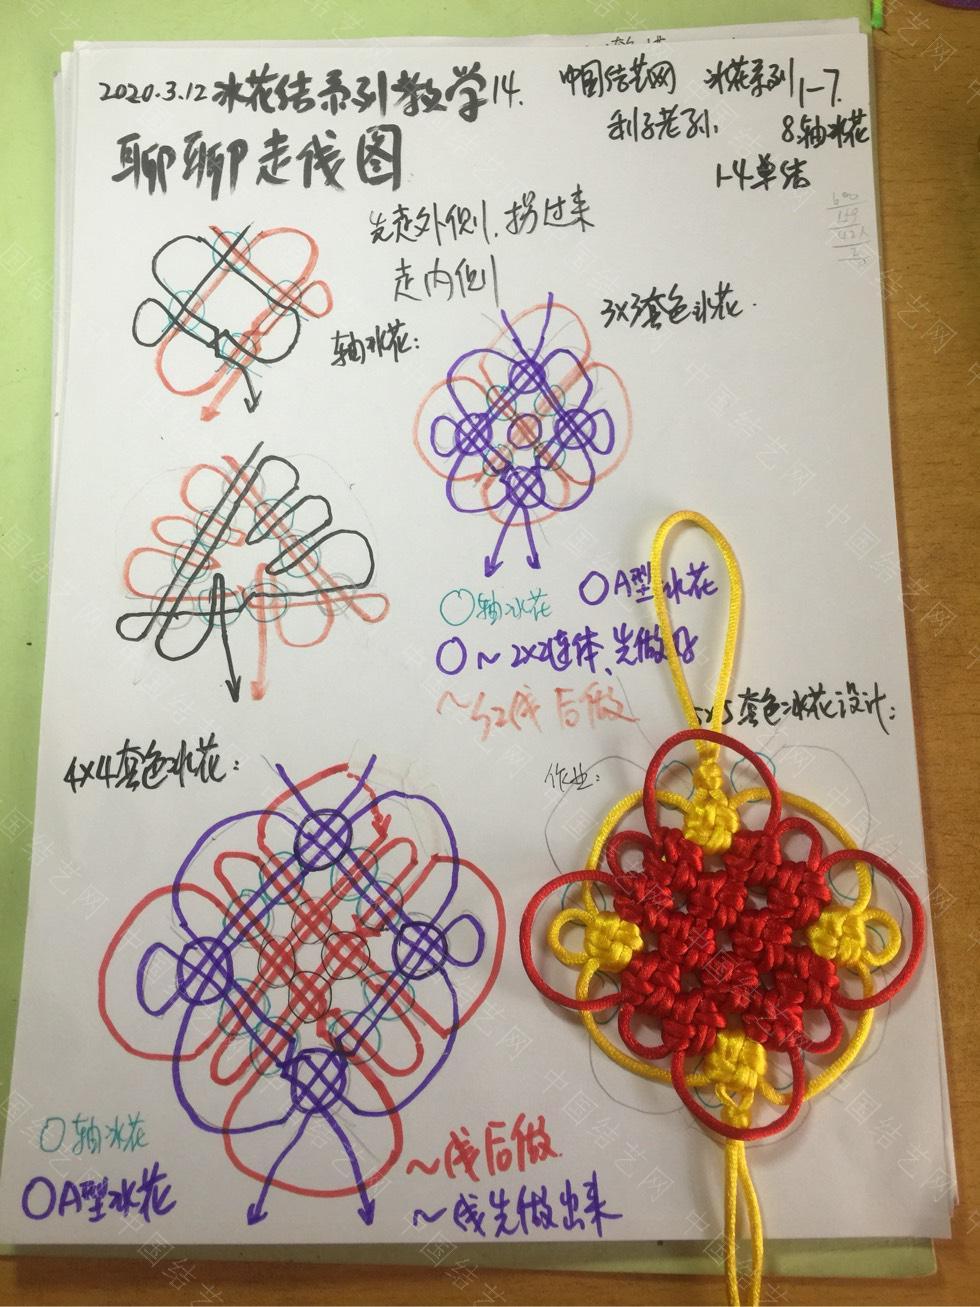 中国结论坛 冰花结系列教学11,如何画出加轴冰花的走线图  视频教程区 110035a1uz7k8spp71ap4a